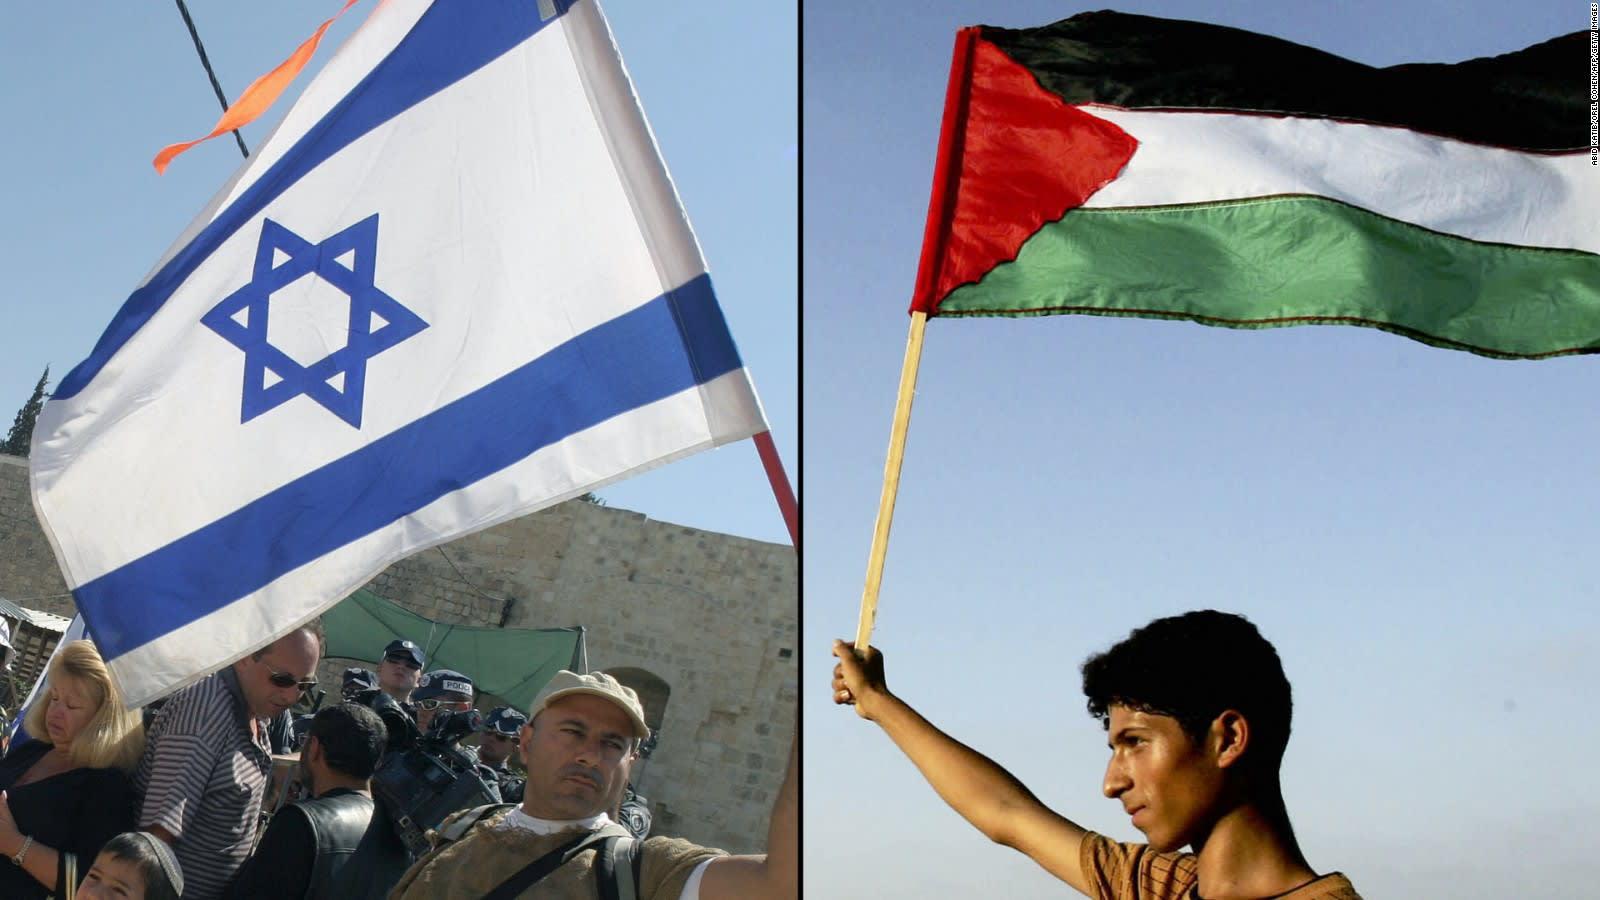 """الوثيقة السياسية الجديدة.. حماس: إسرائيل لا تريدنا """"حركة معتدلة"""".. وتل أبيب: يحاولون خداع العالم"""